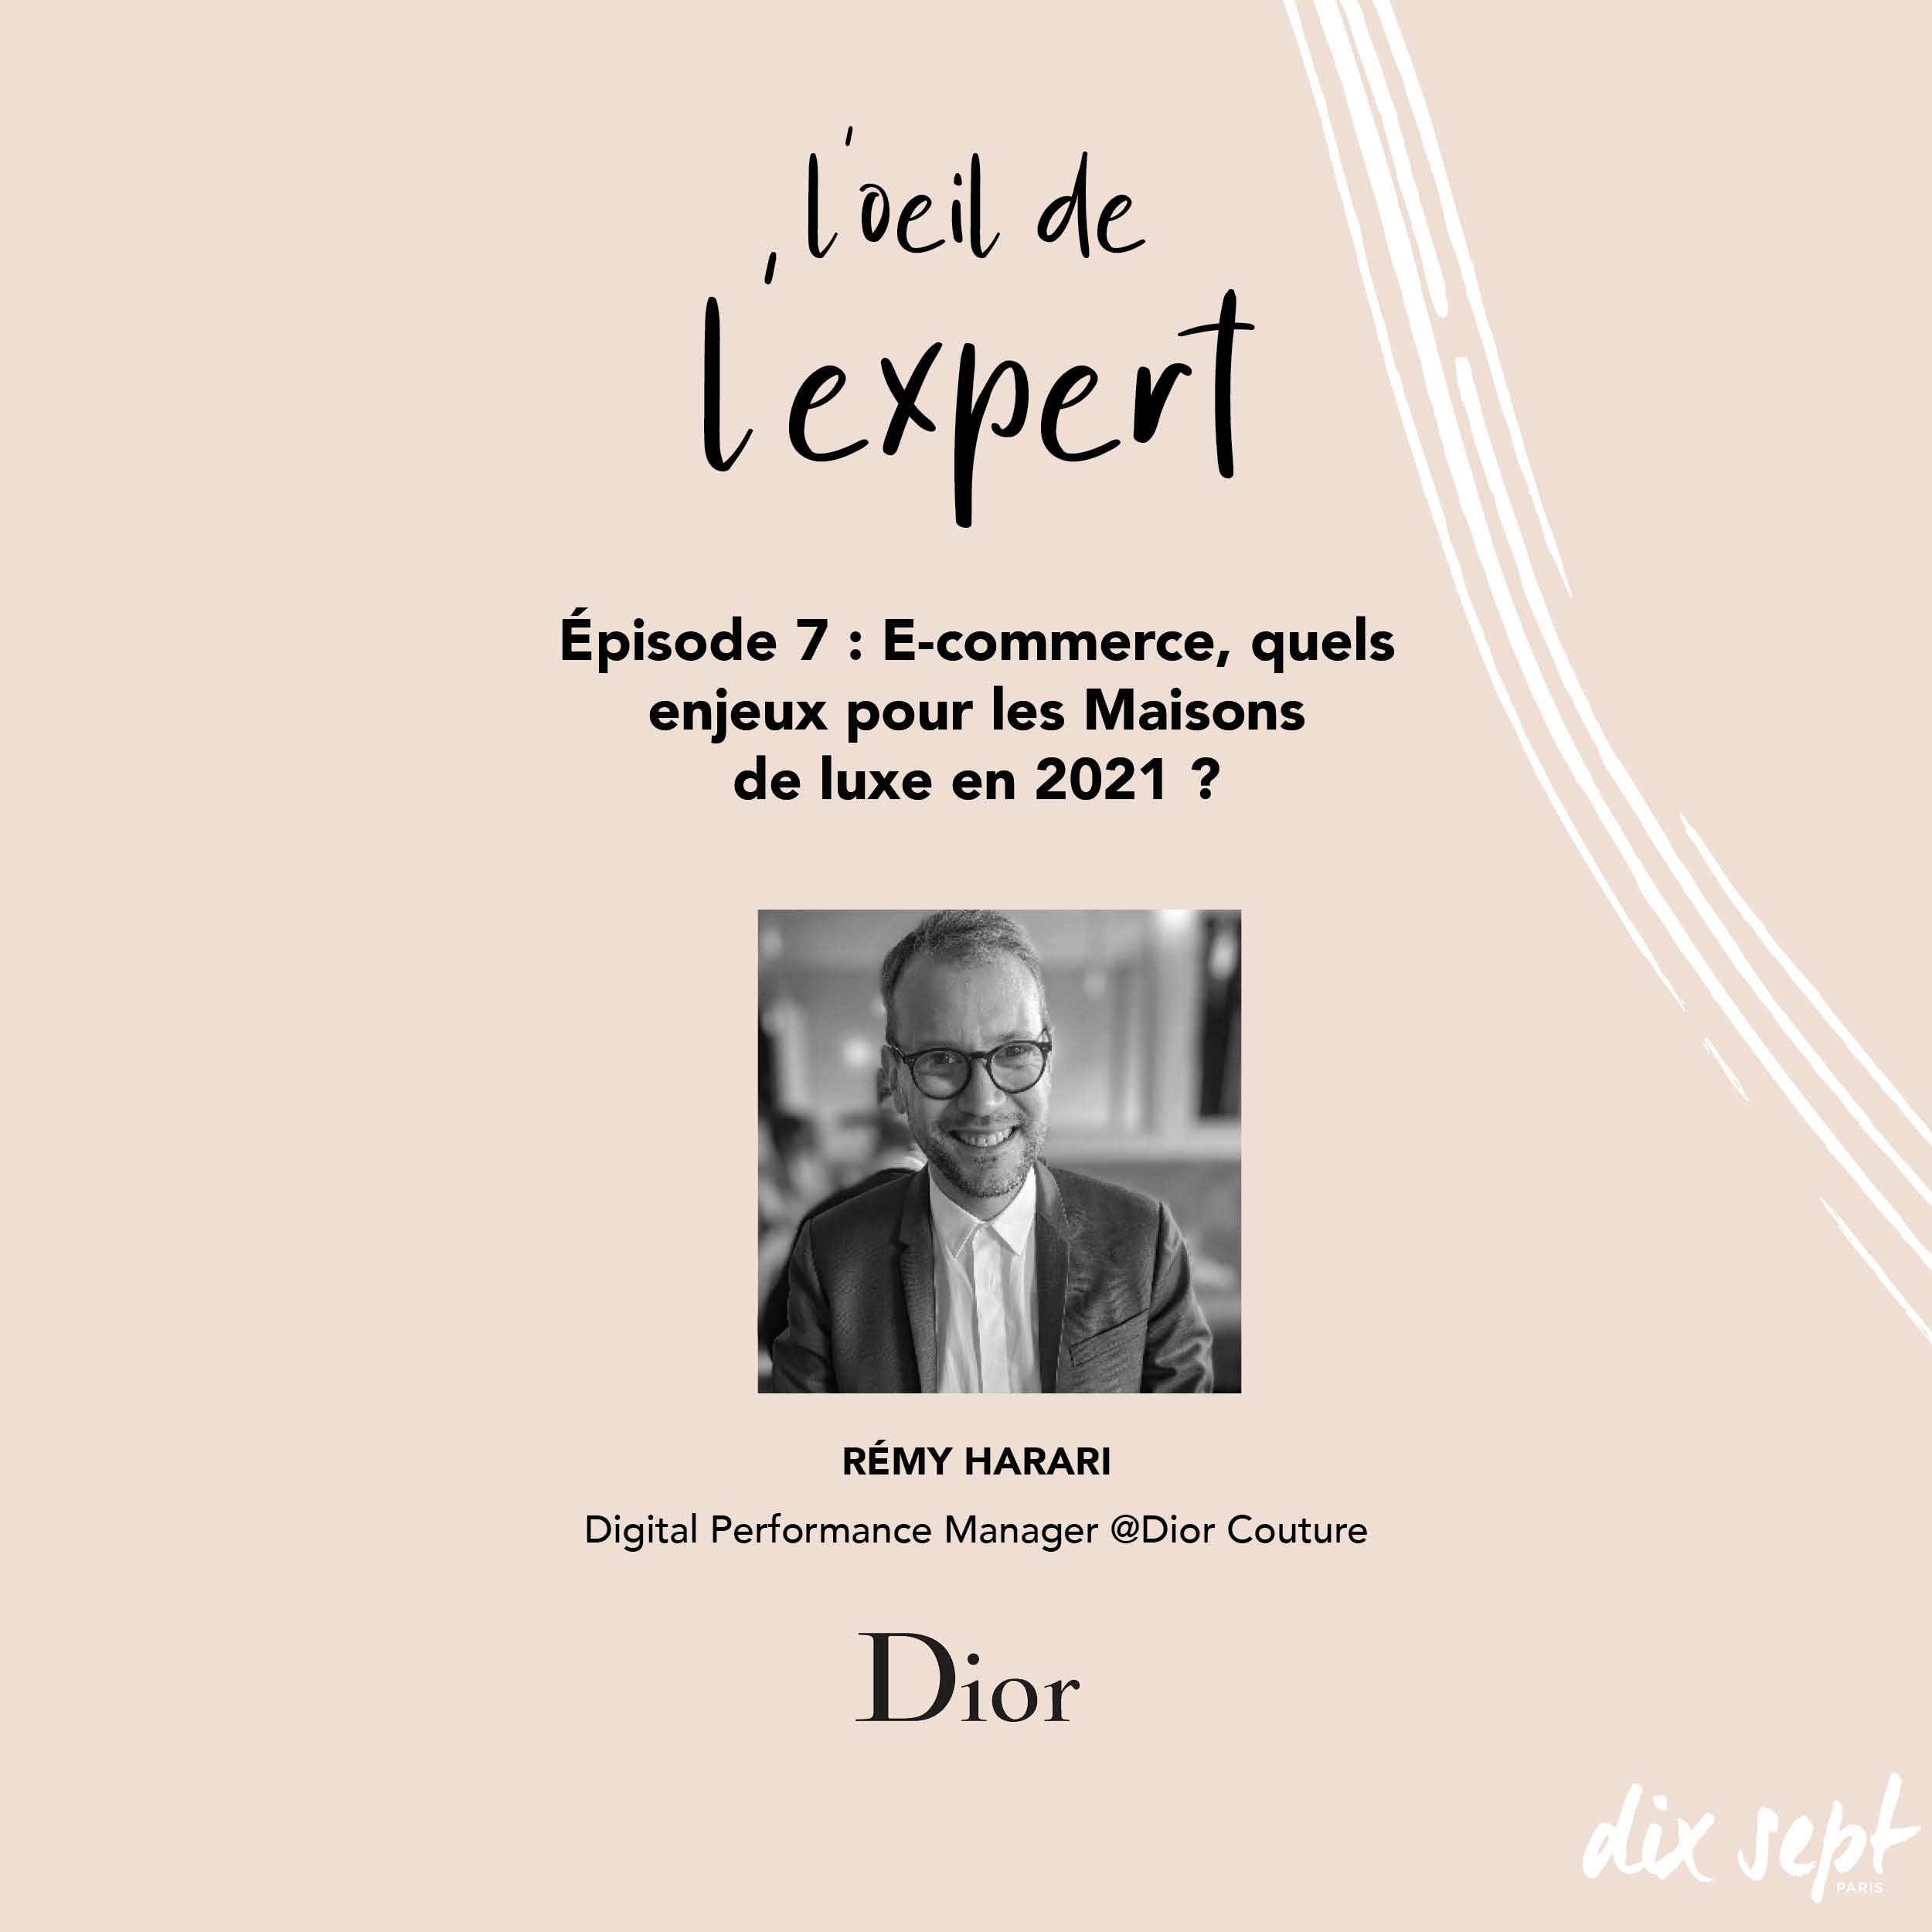 #7 : E-commerce, quels enjeux en 2021 pour les Maisons de luxe ?